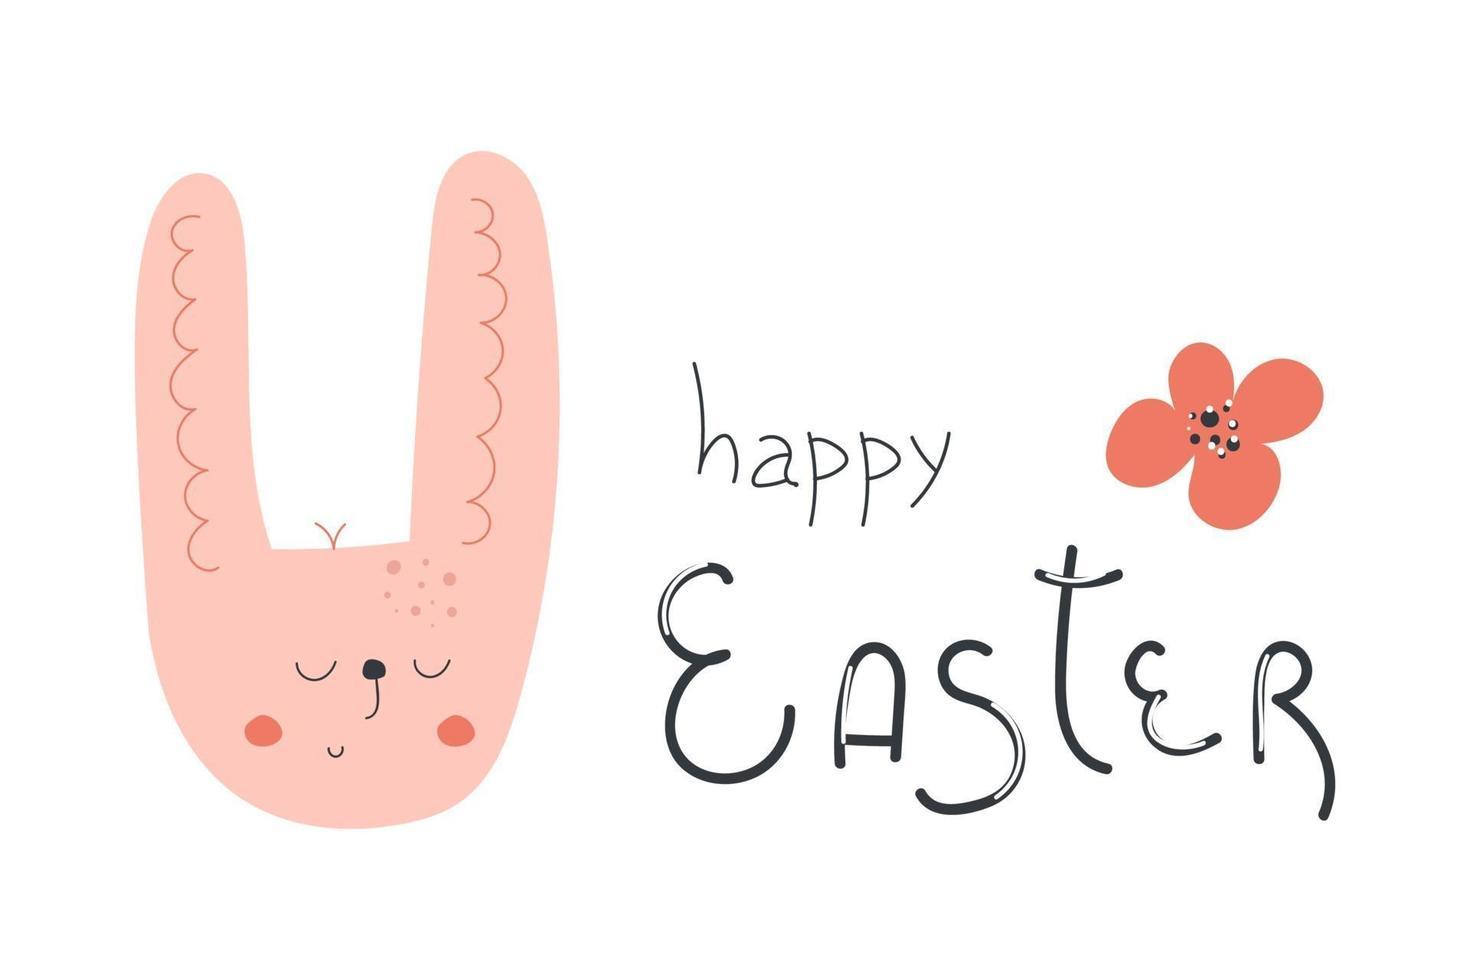 mão desenhada cabeça de coelhinha, flor e com texto feliz Páscoa. conceito de cartão de felicitações. vetor